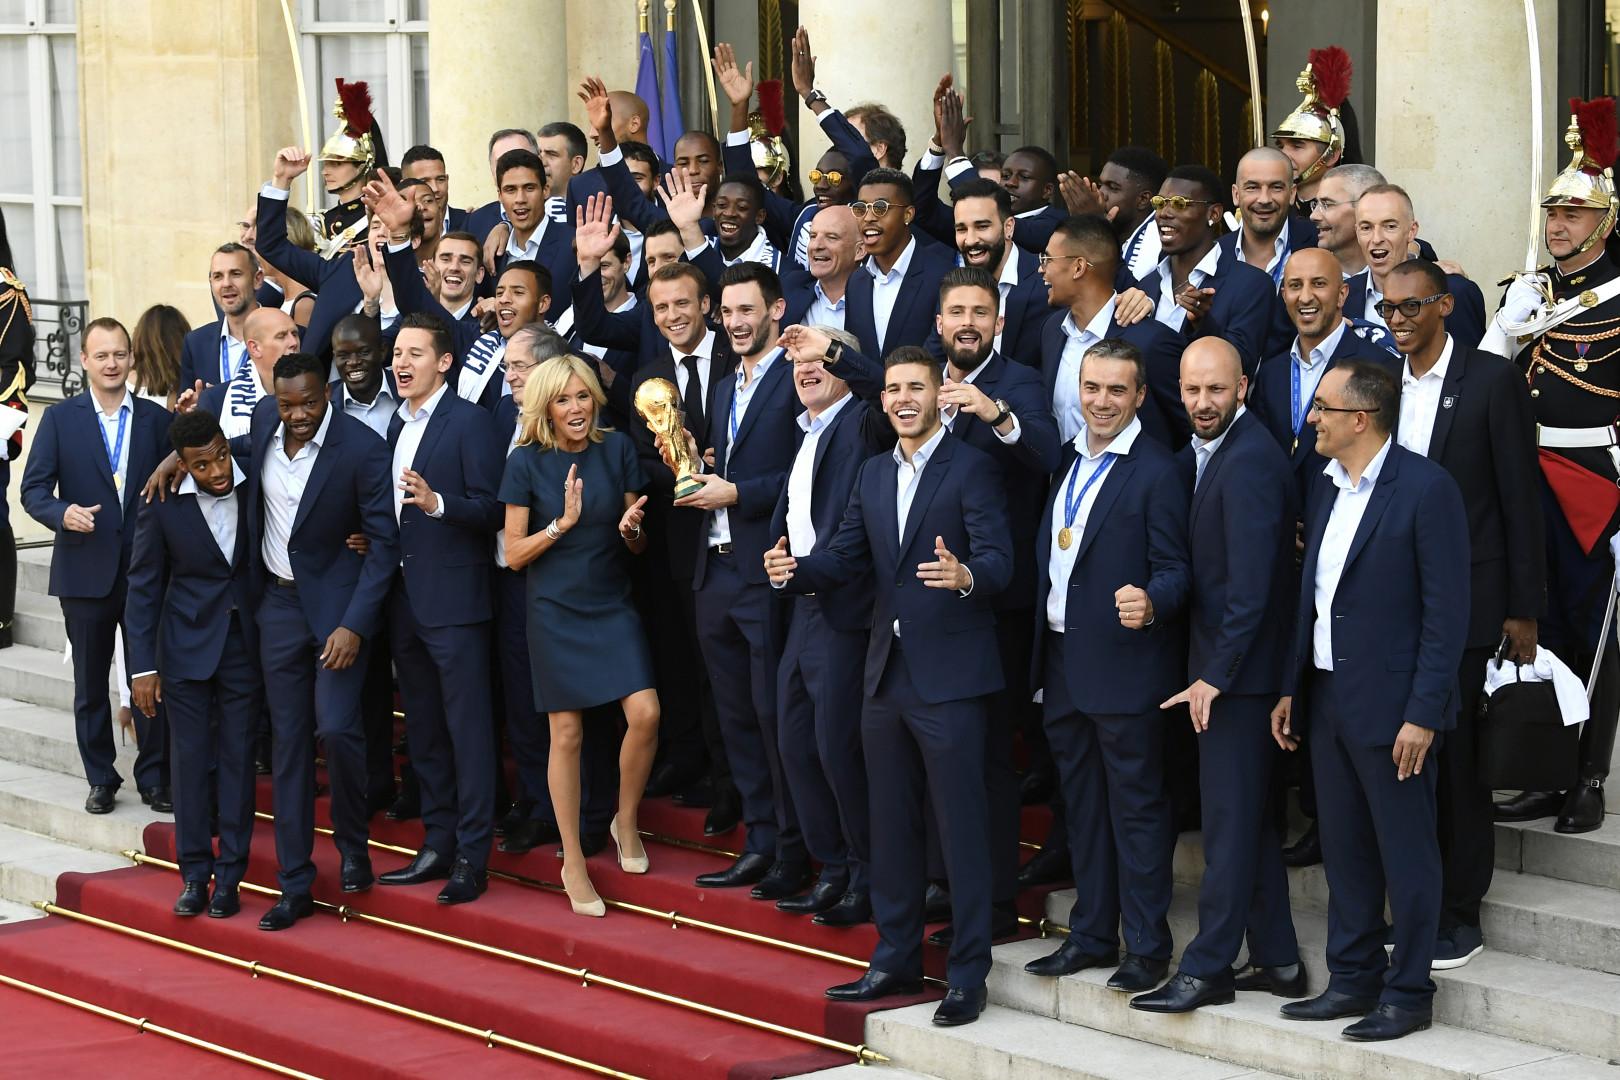 Emmanuel et Brigitte Macron ont reçu l'équipe de France a l'Élysée, le 16 juillet 2018